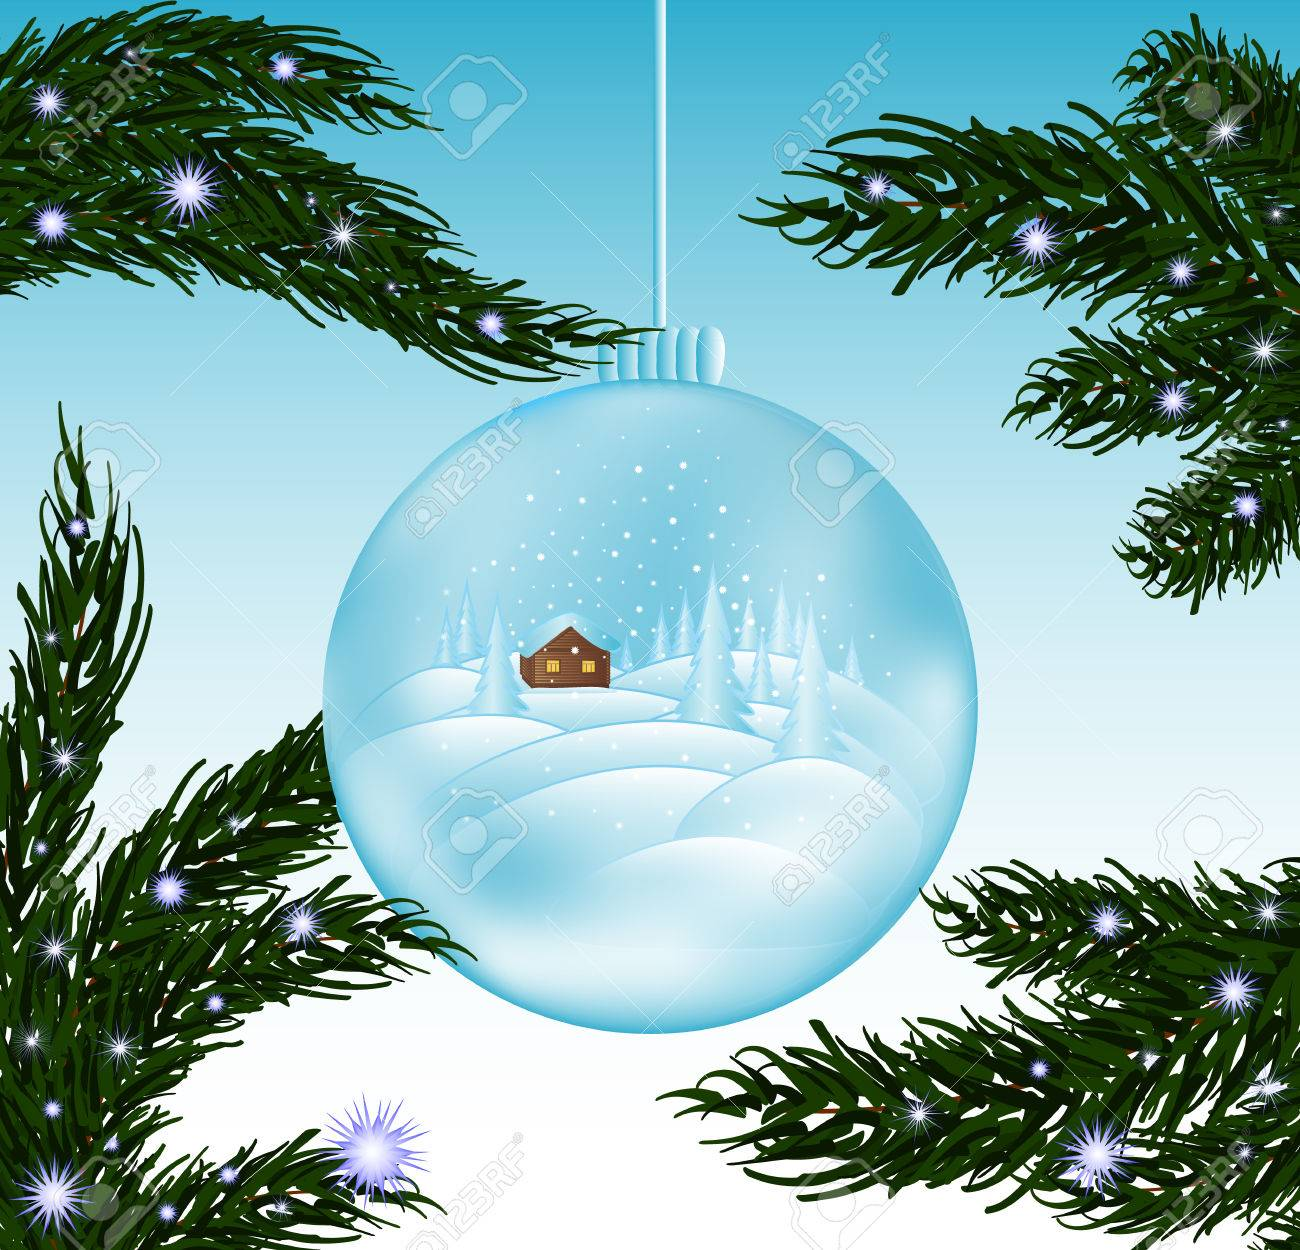 Frohe Weihnachten Schöne Vektor Gruß Cad Mit Glas Schneeball Und ...